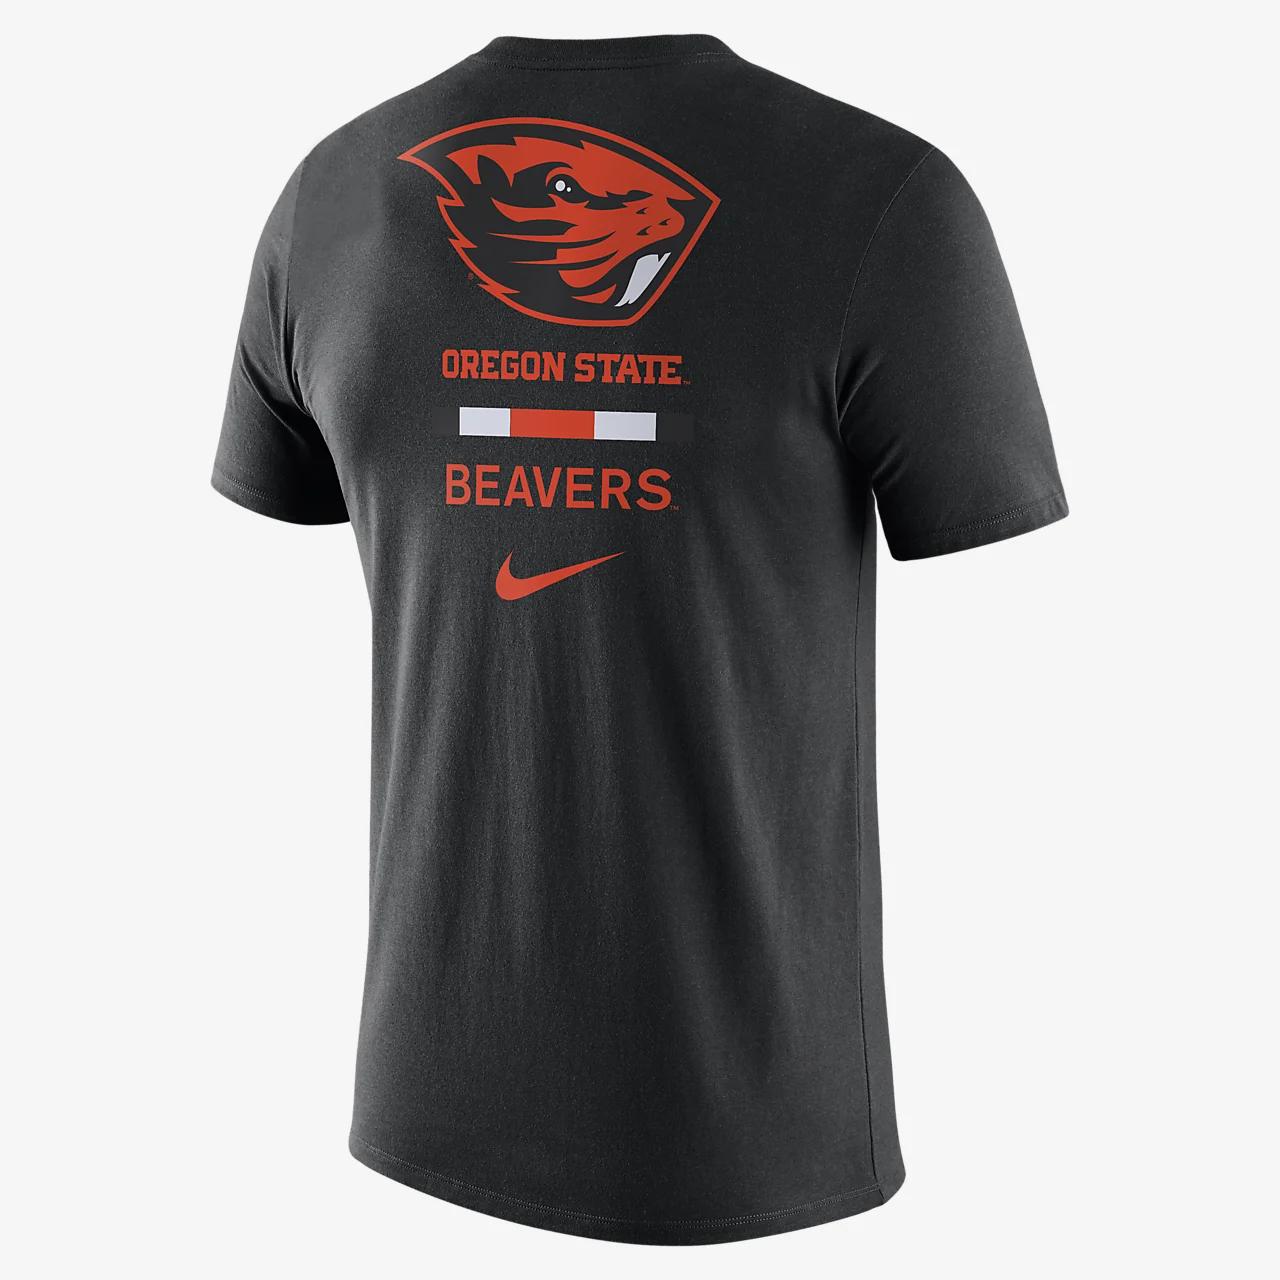 나이키 칼리지 드라이핏(오레곤 주) 남자 티셔츠 CT8207-010